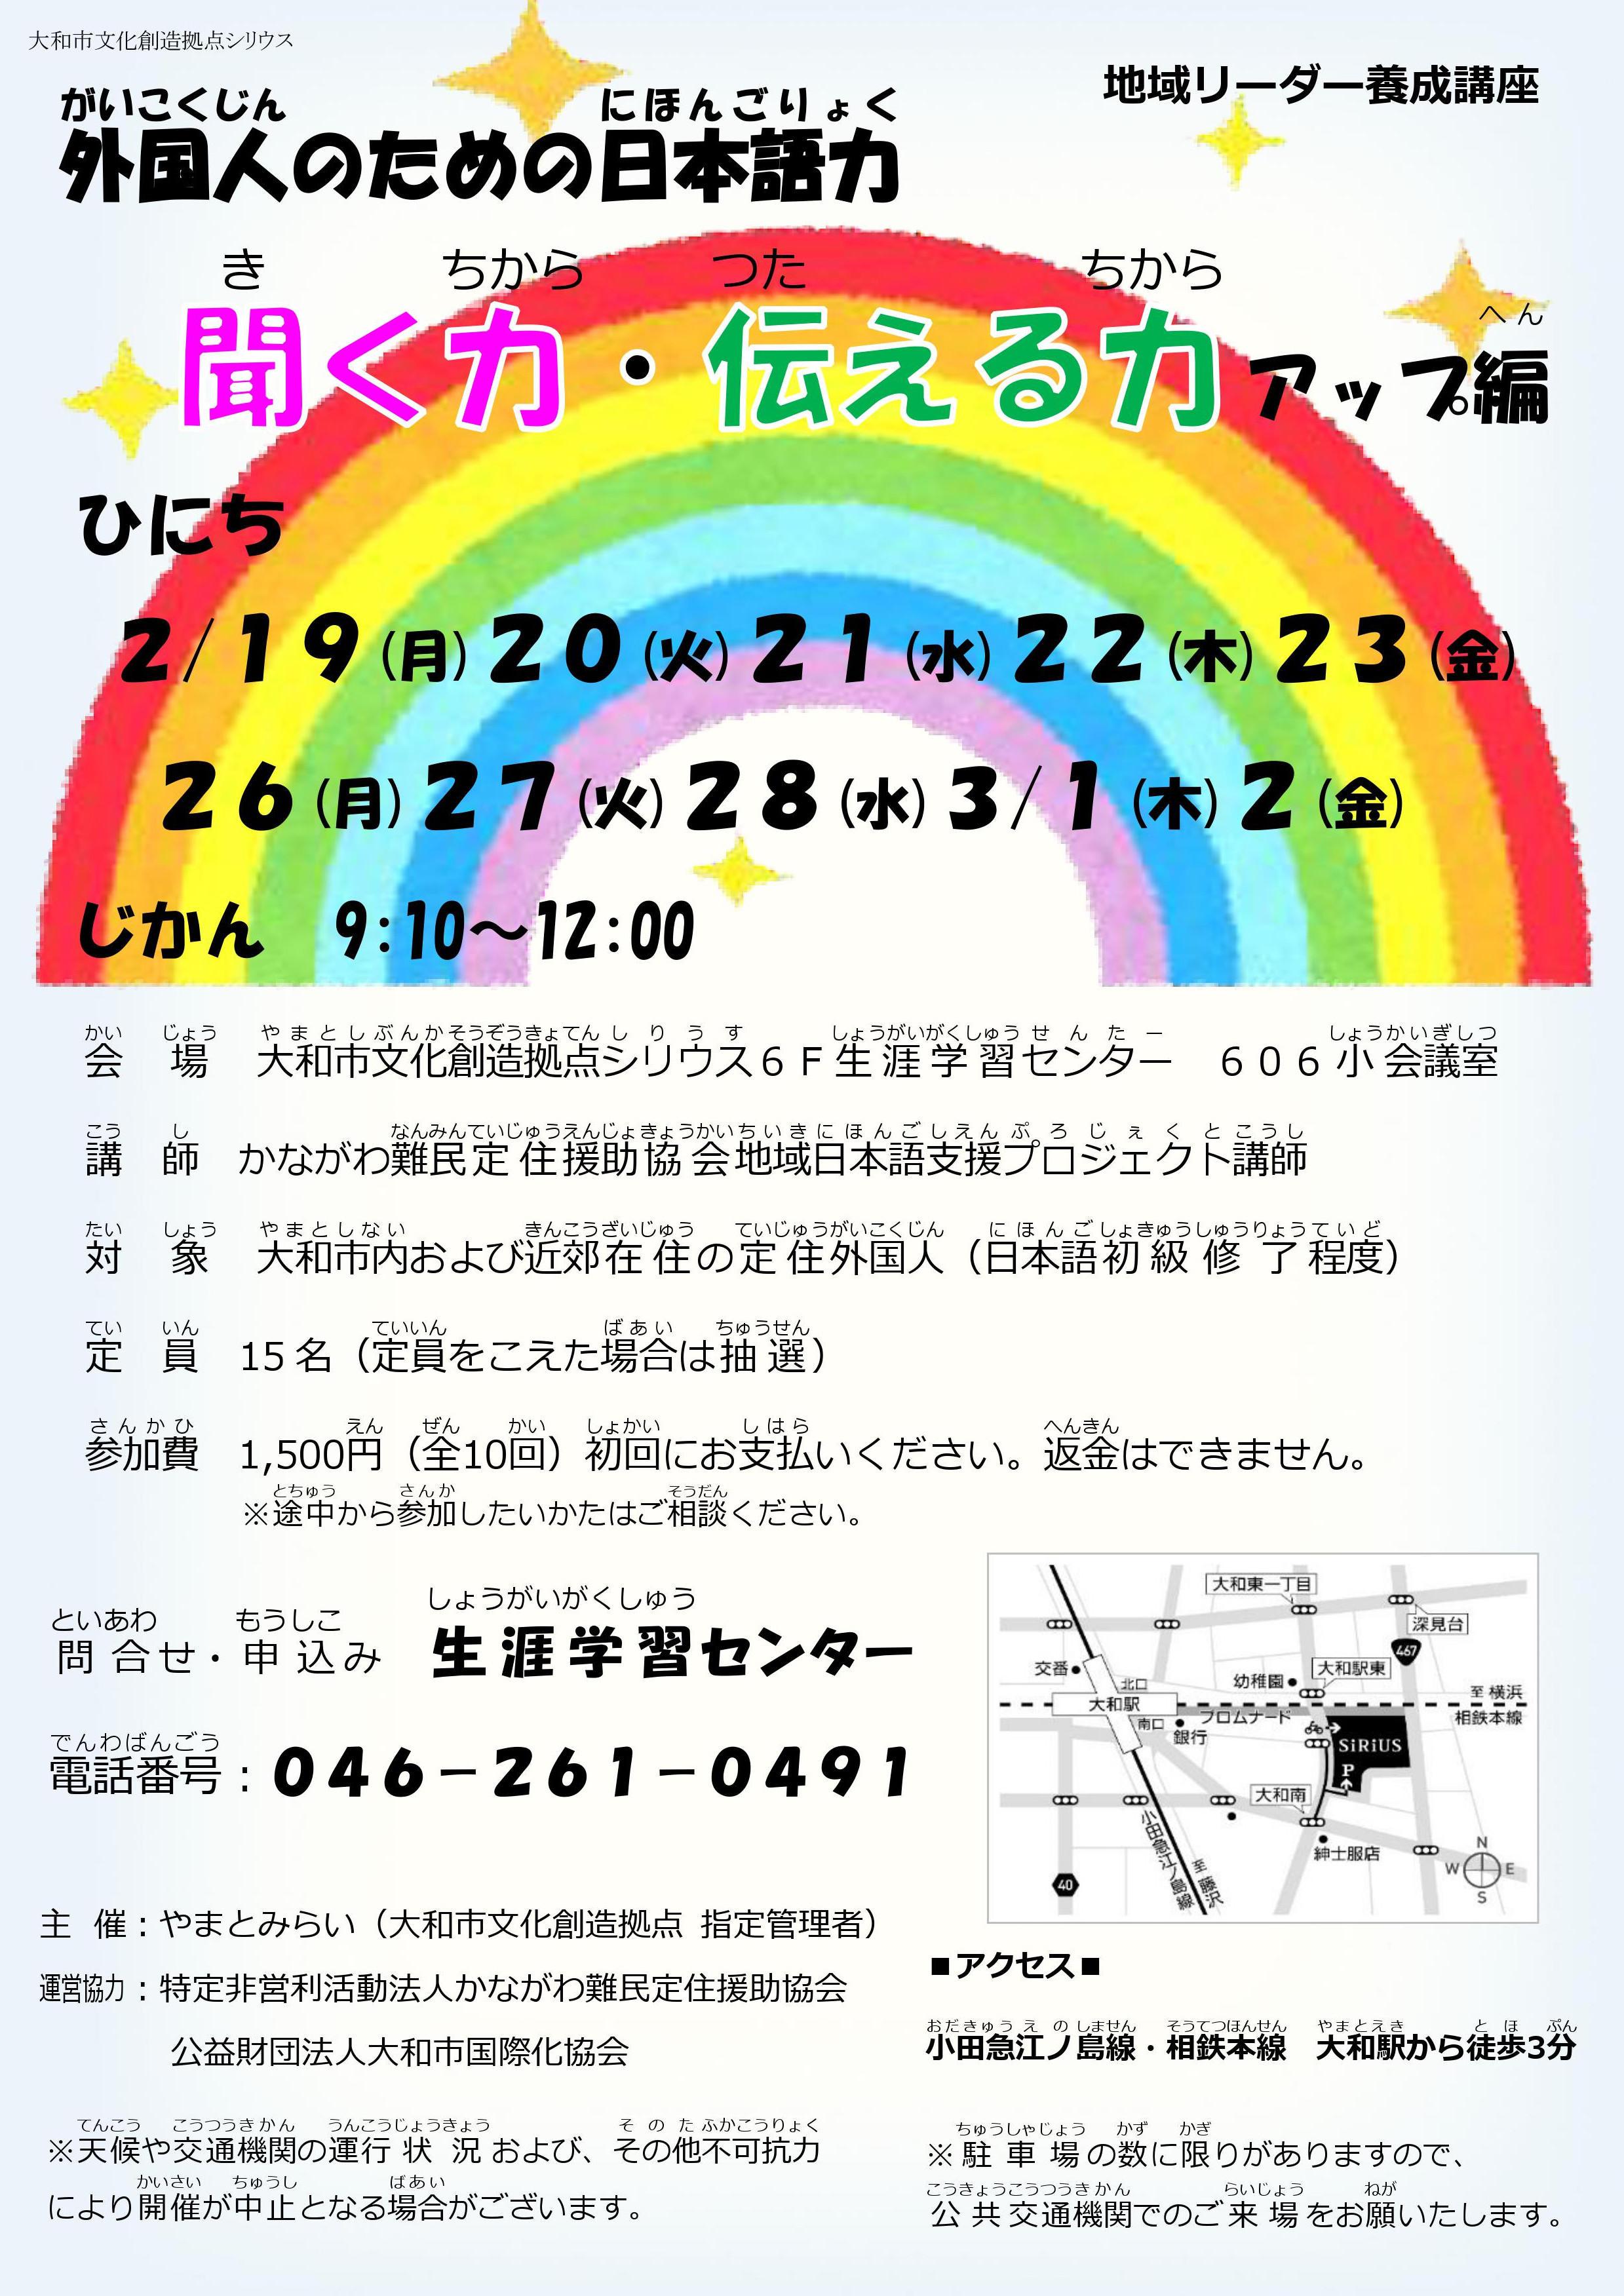 地域リーダー養成講座「外国人のための日本語 聞く力・伝える力アップ編」